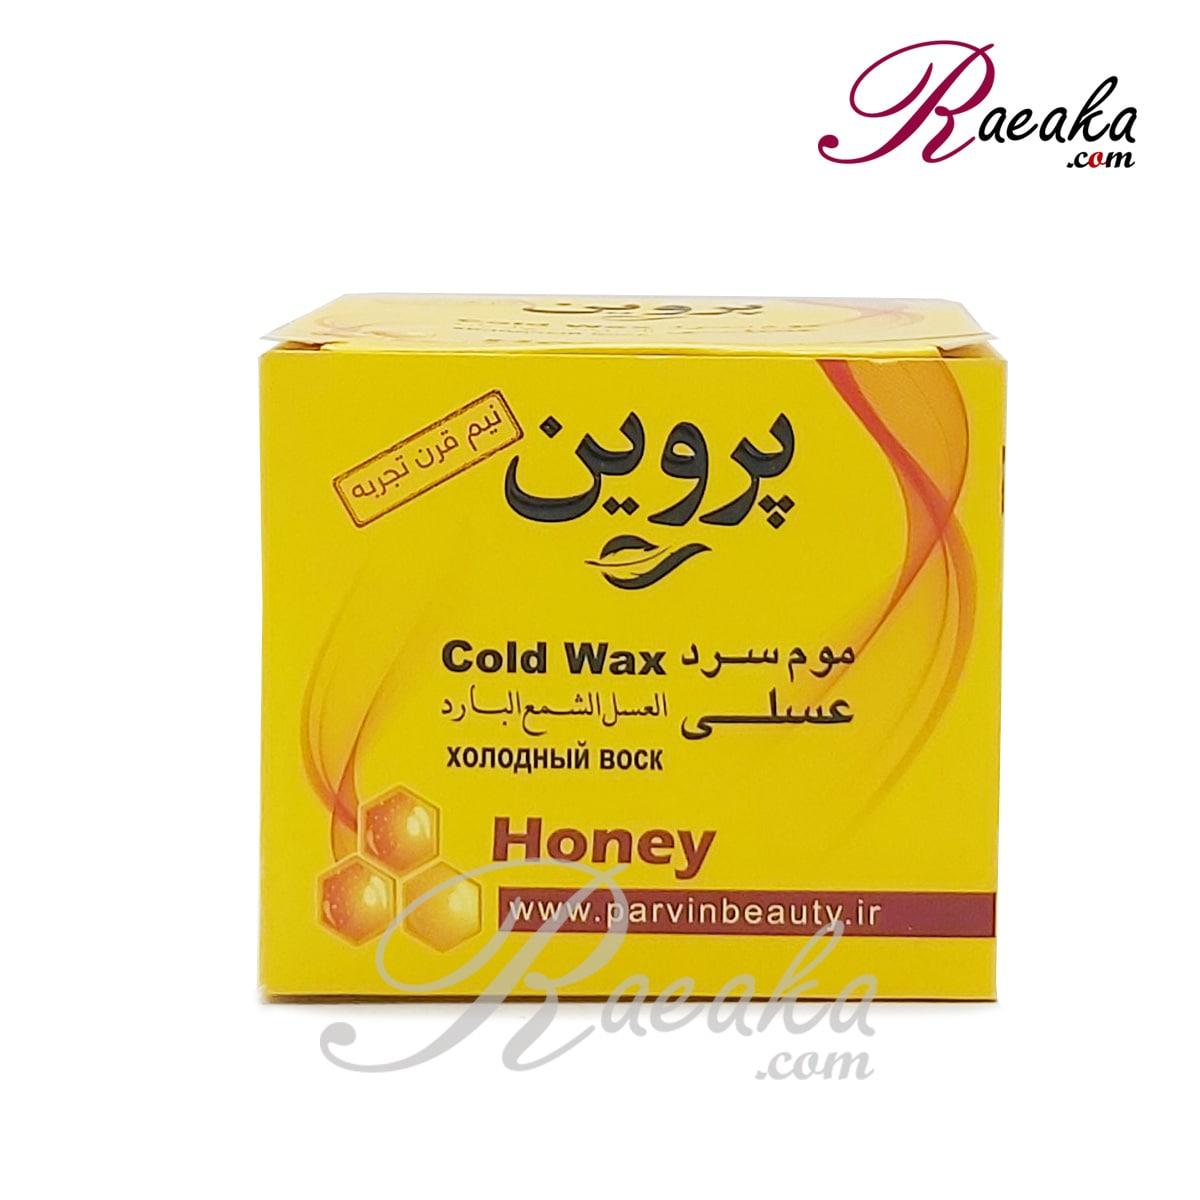 موم سرد جعبه دار پروین با عصاره عسل وزن ۲۸۰ گرم همراه با کاردک، پد متقالی و کرم مرطوب کننده - 2